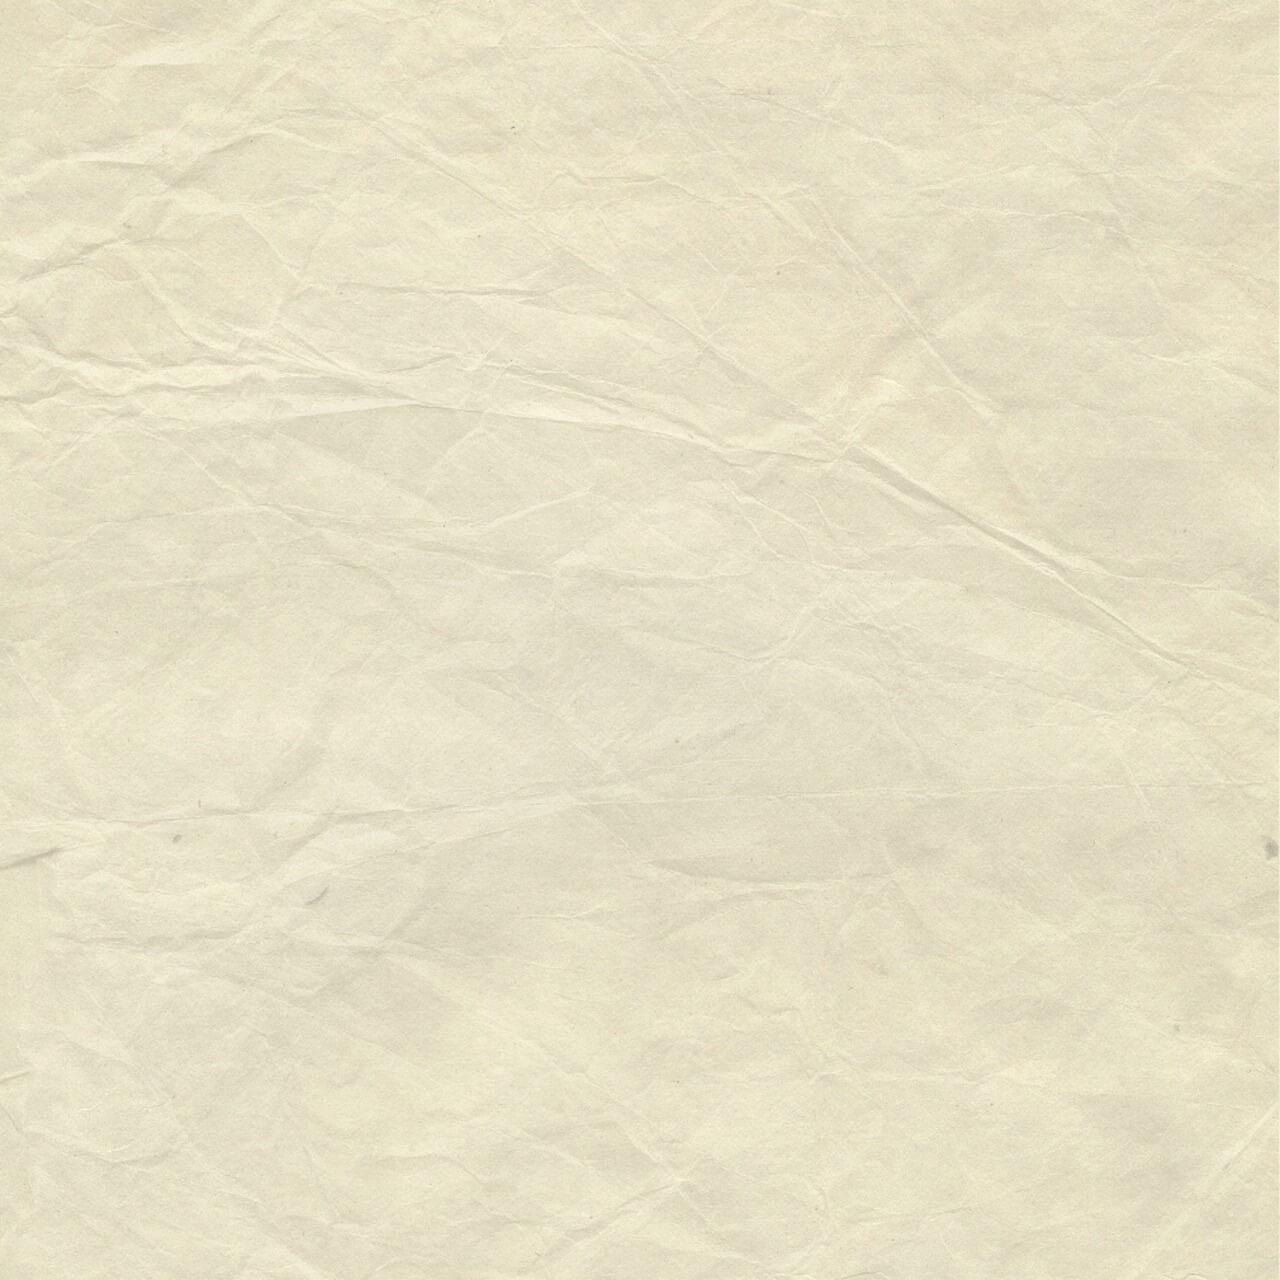 רקע של דף